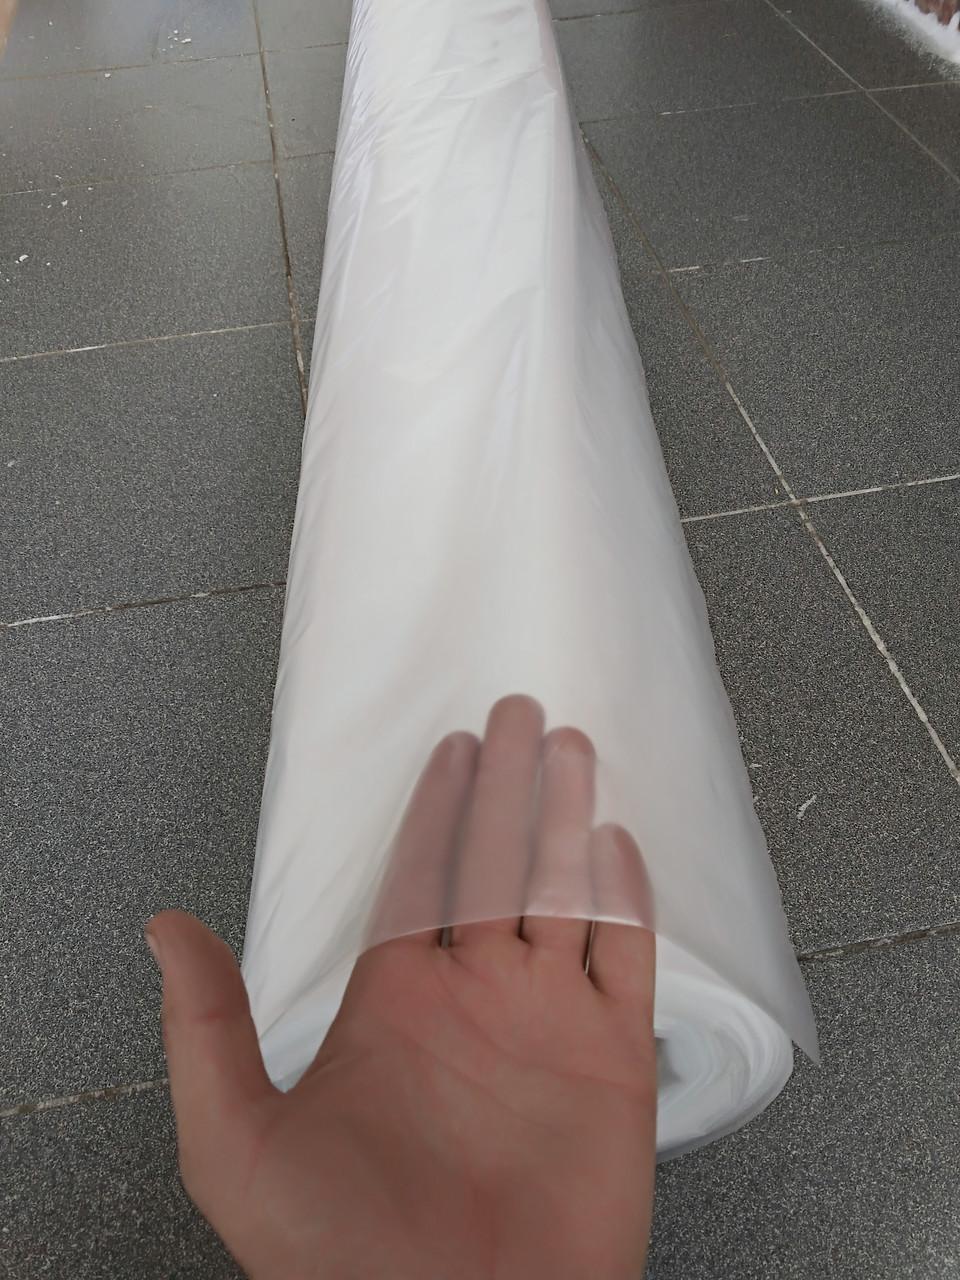 Плёнка полиэтиленовая из первичного сырья (высший сорт) - фото 2